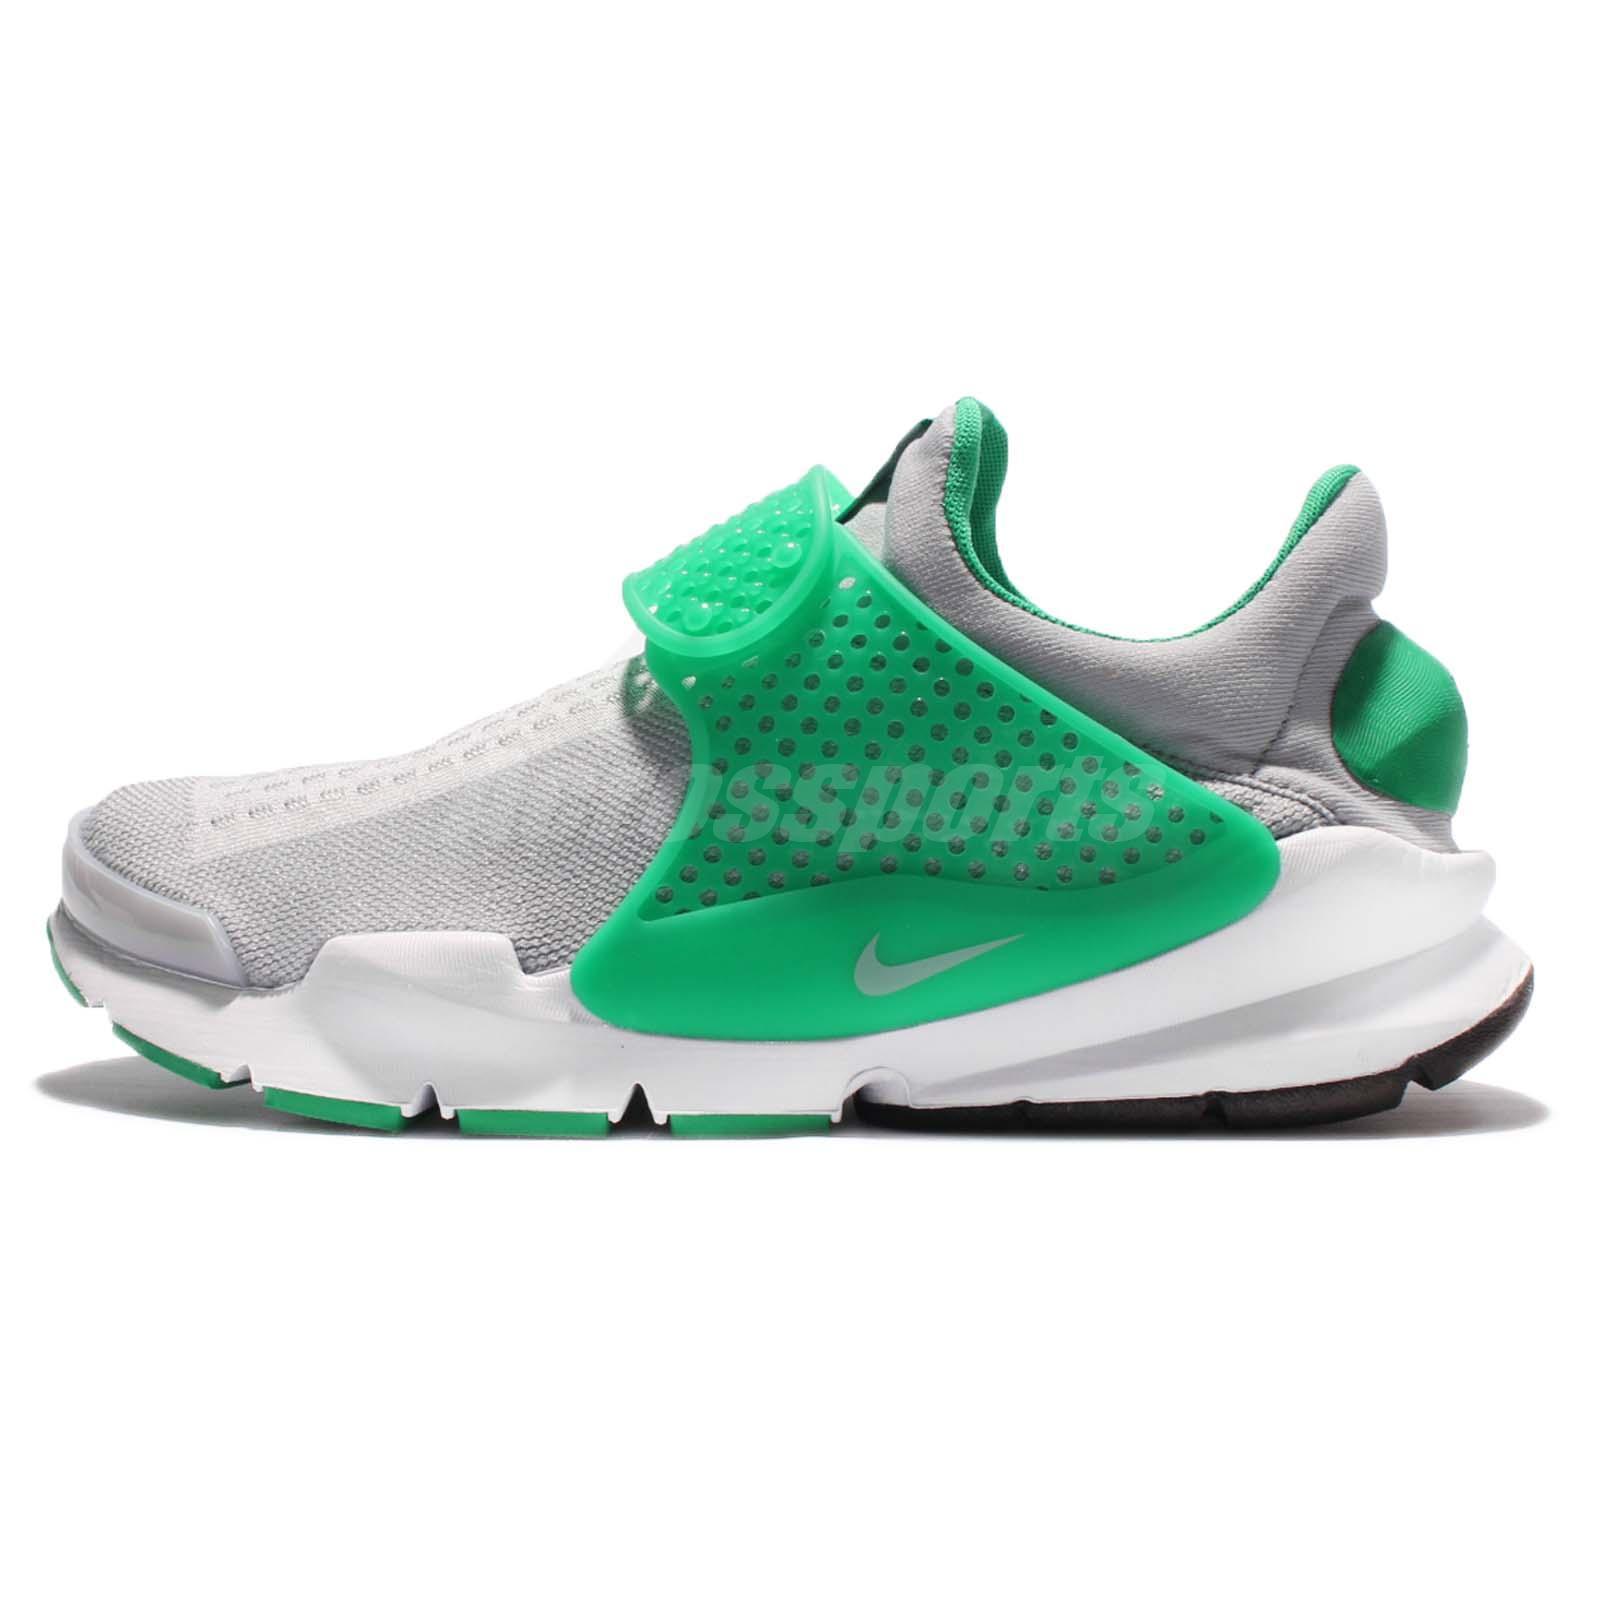 nike sock dardo kjcrd maglia grigio  verde broccato uomini scarpe da corsa